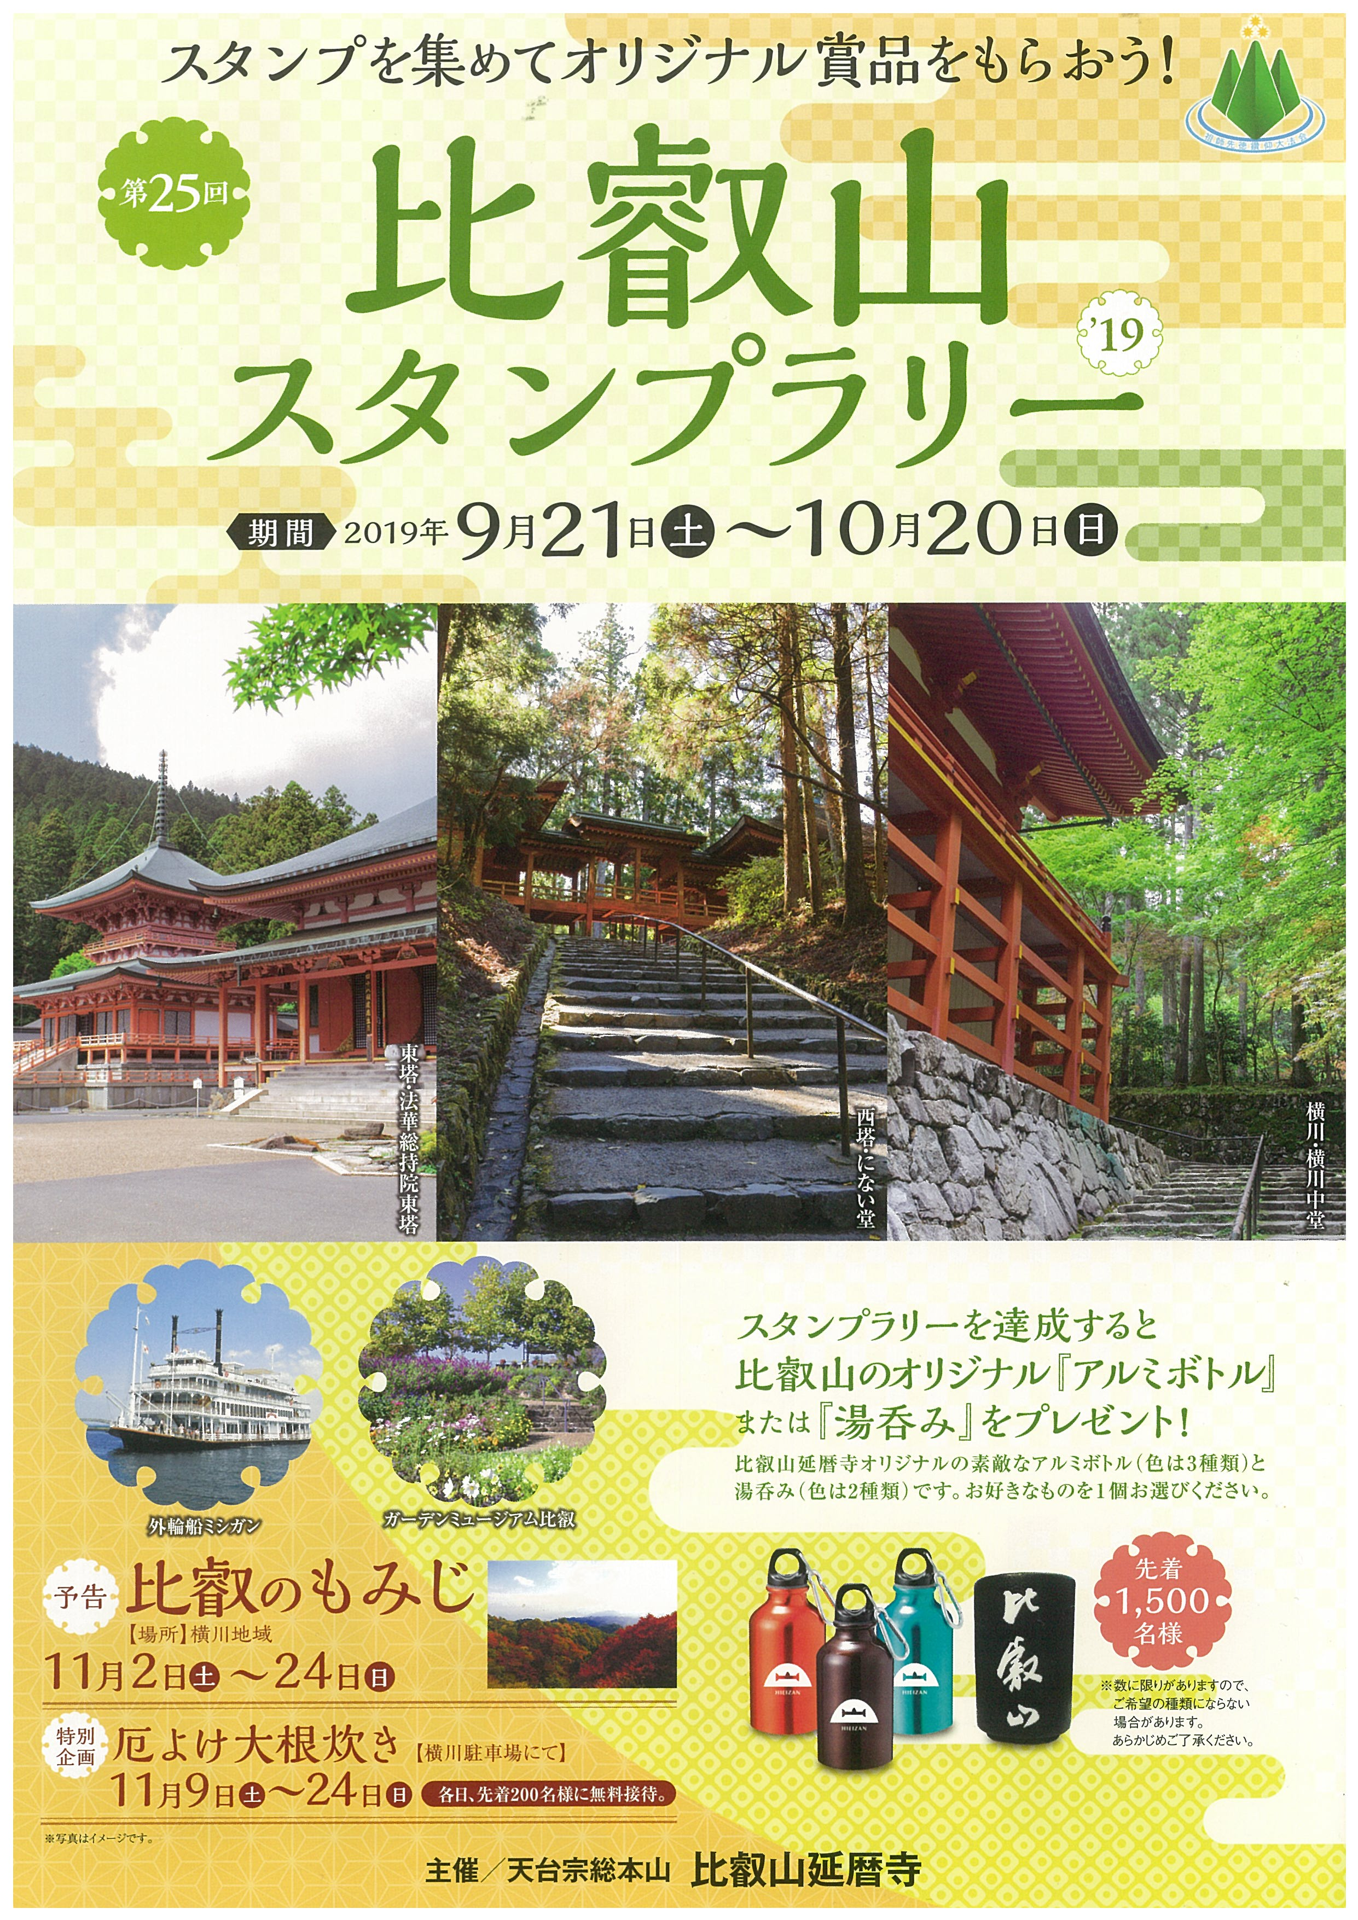 比叡山スタンプラリー開催のお知らせ(9/21~10/20) 【pickup】